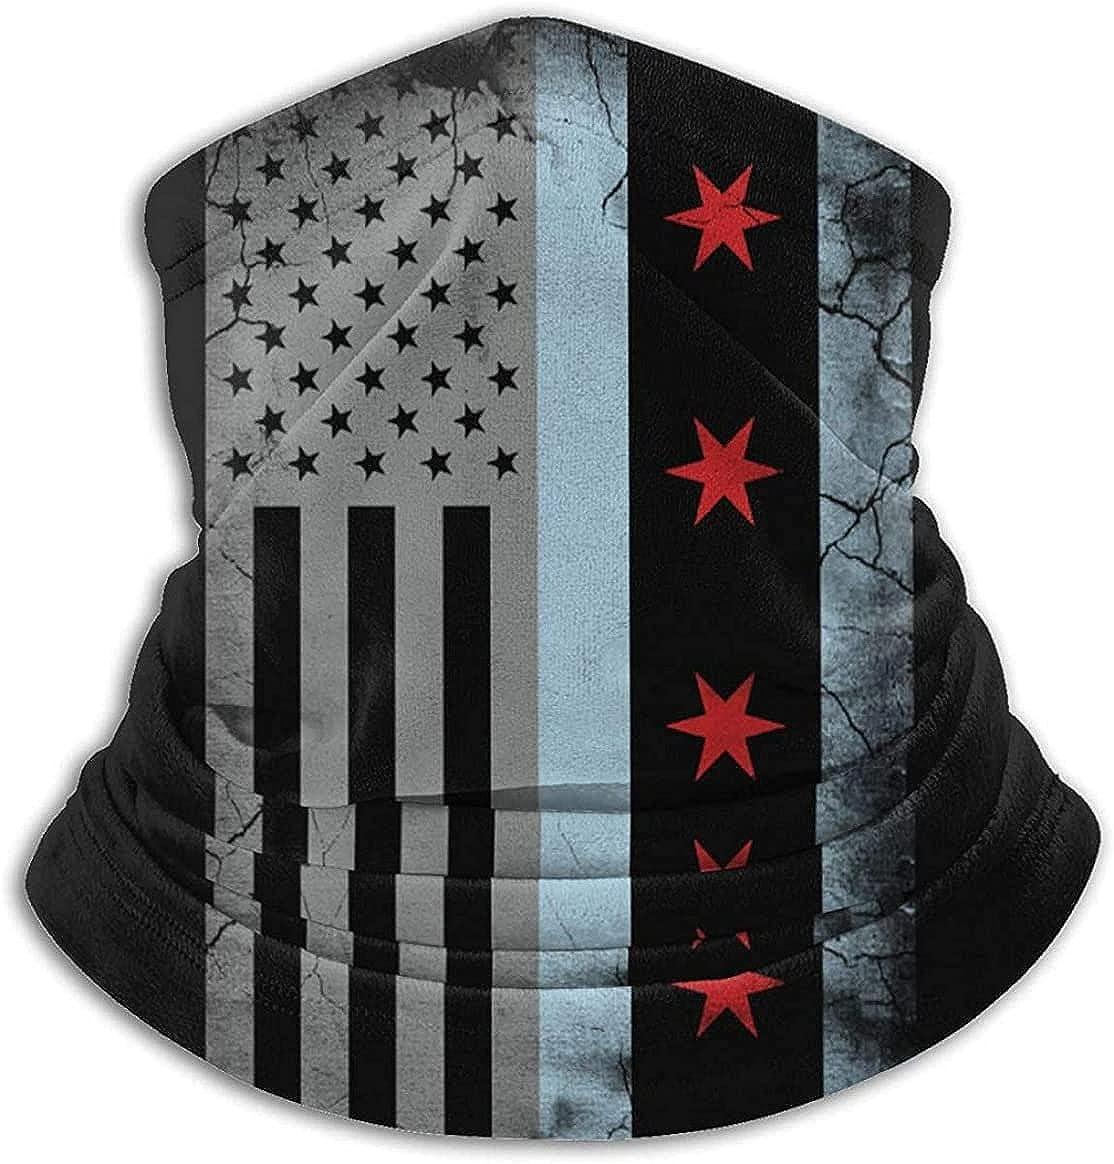 Winter Neck Warmer Gaiter Ski Face Mask Cover Balaclava Headband Unisex Hats Headwear